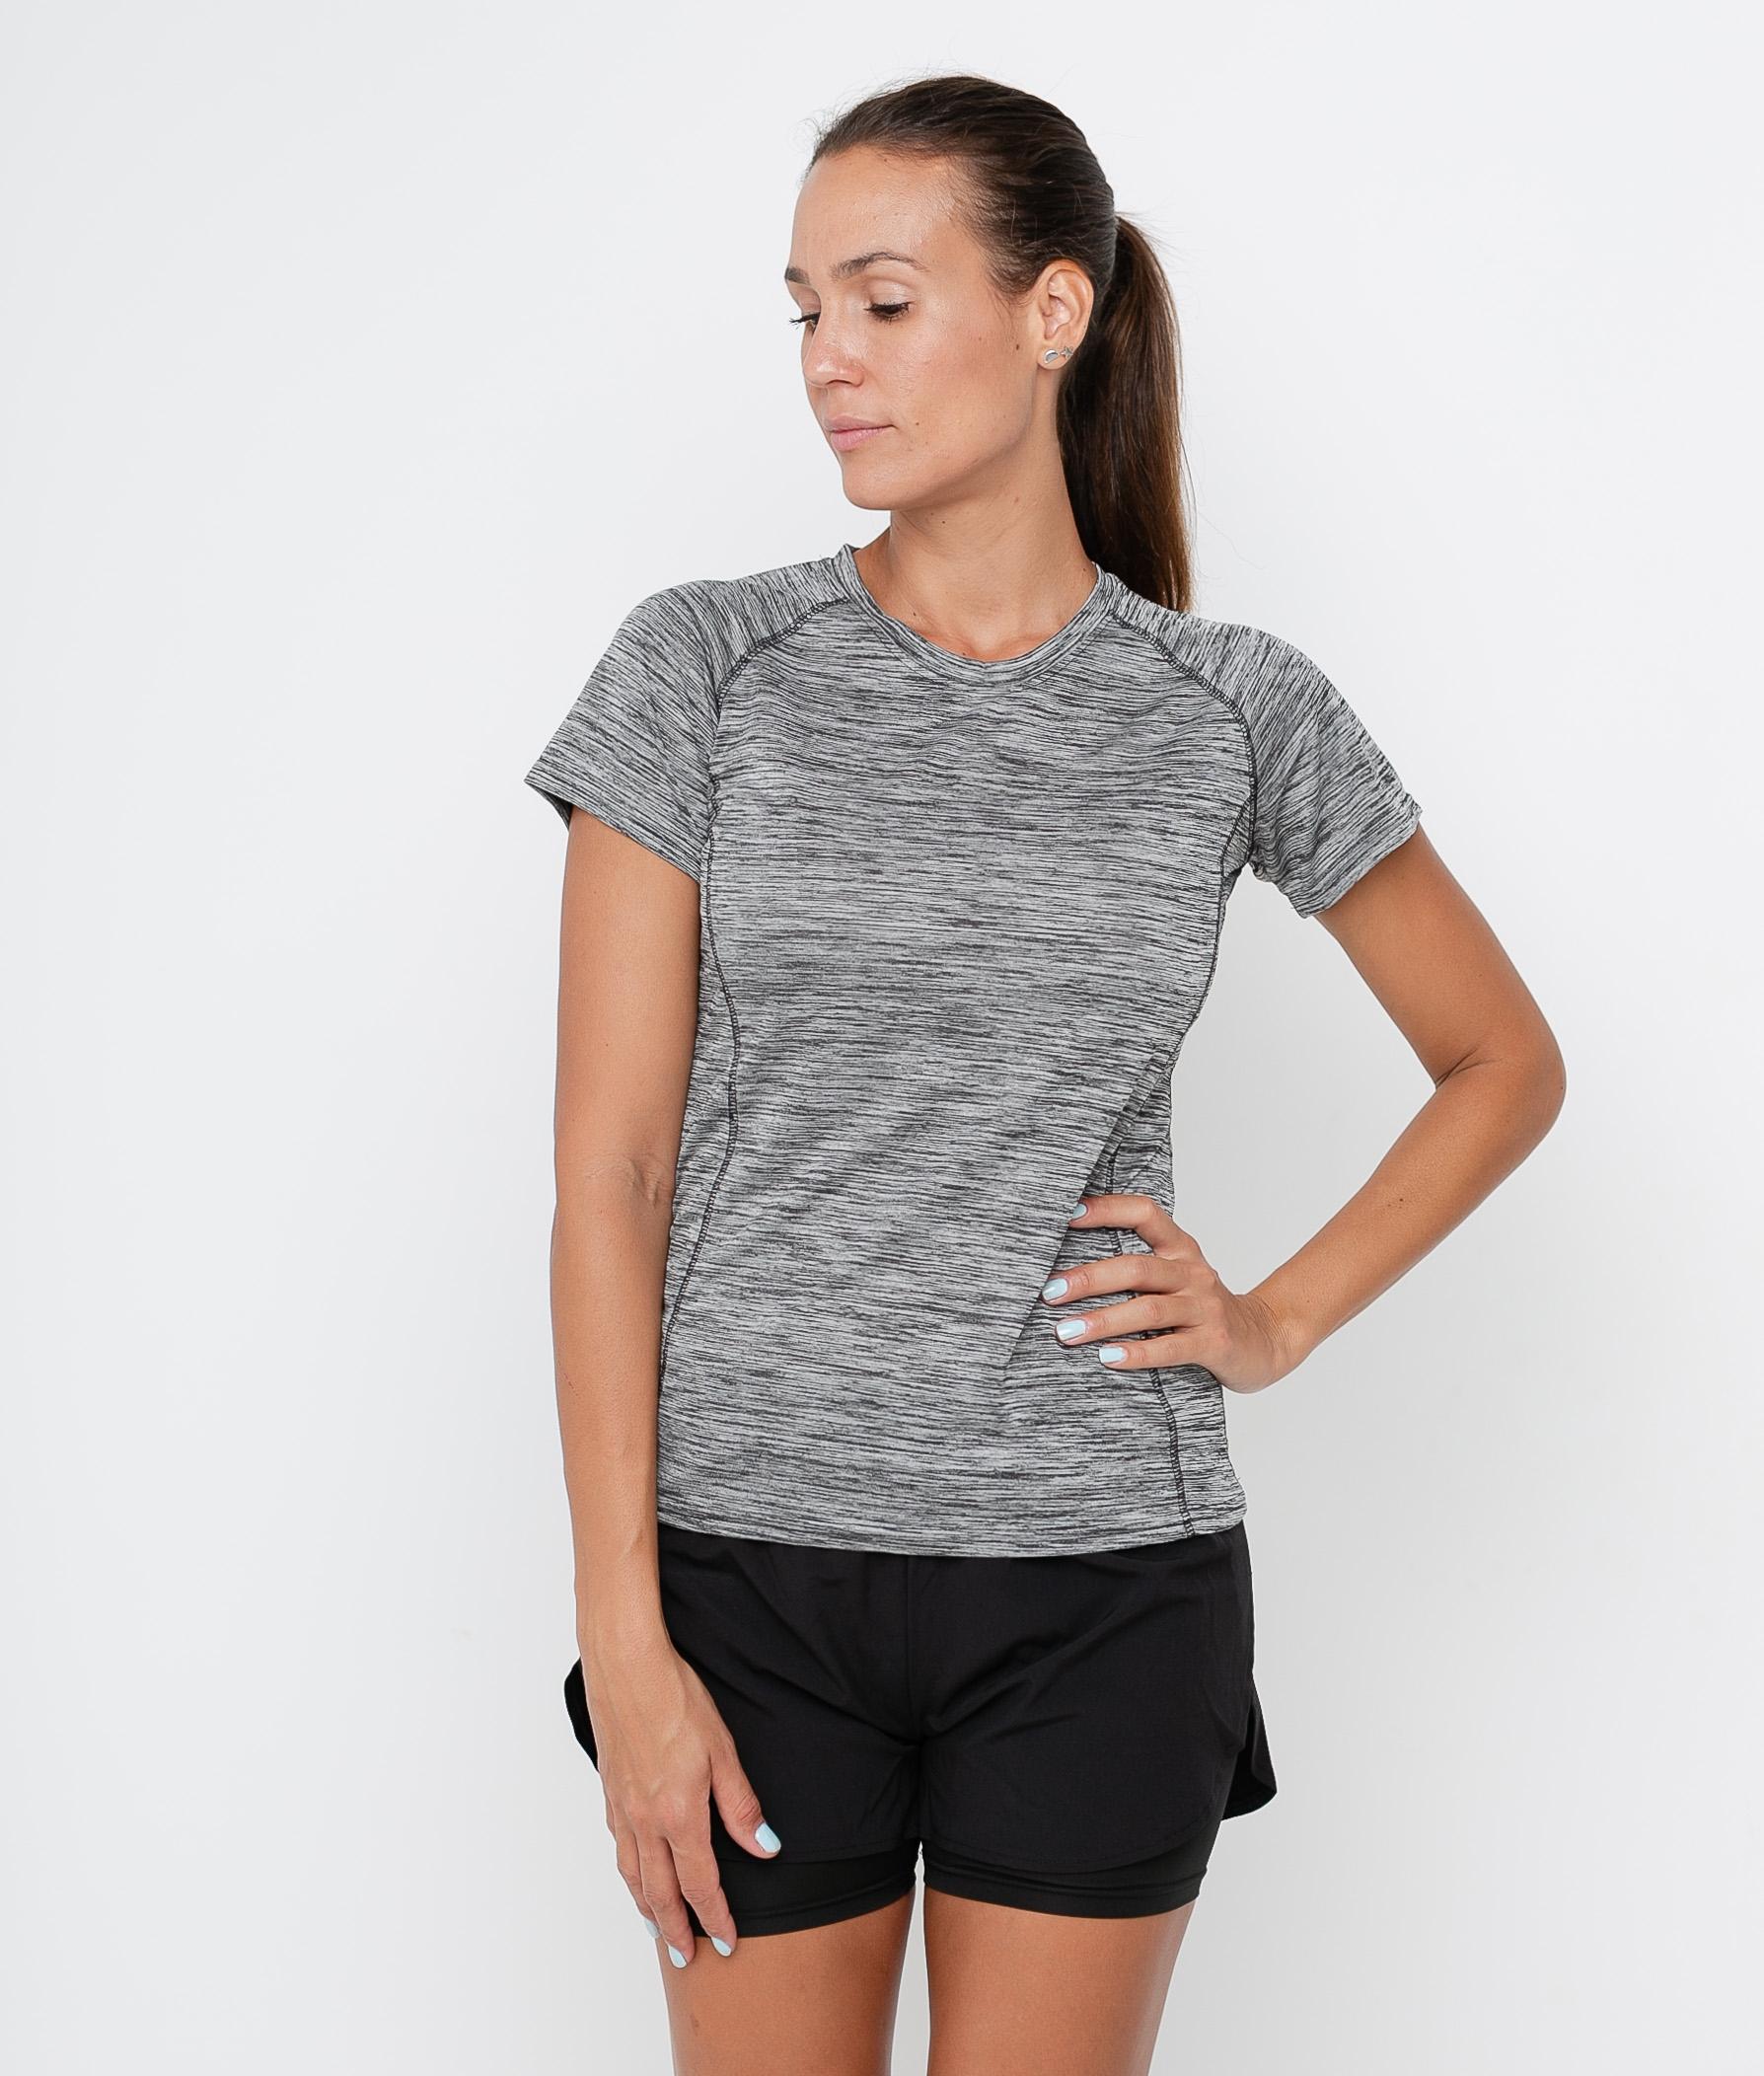 Camiseta Leira - Noir